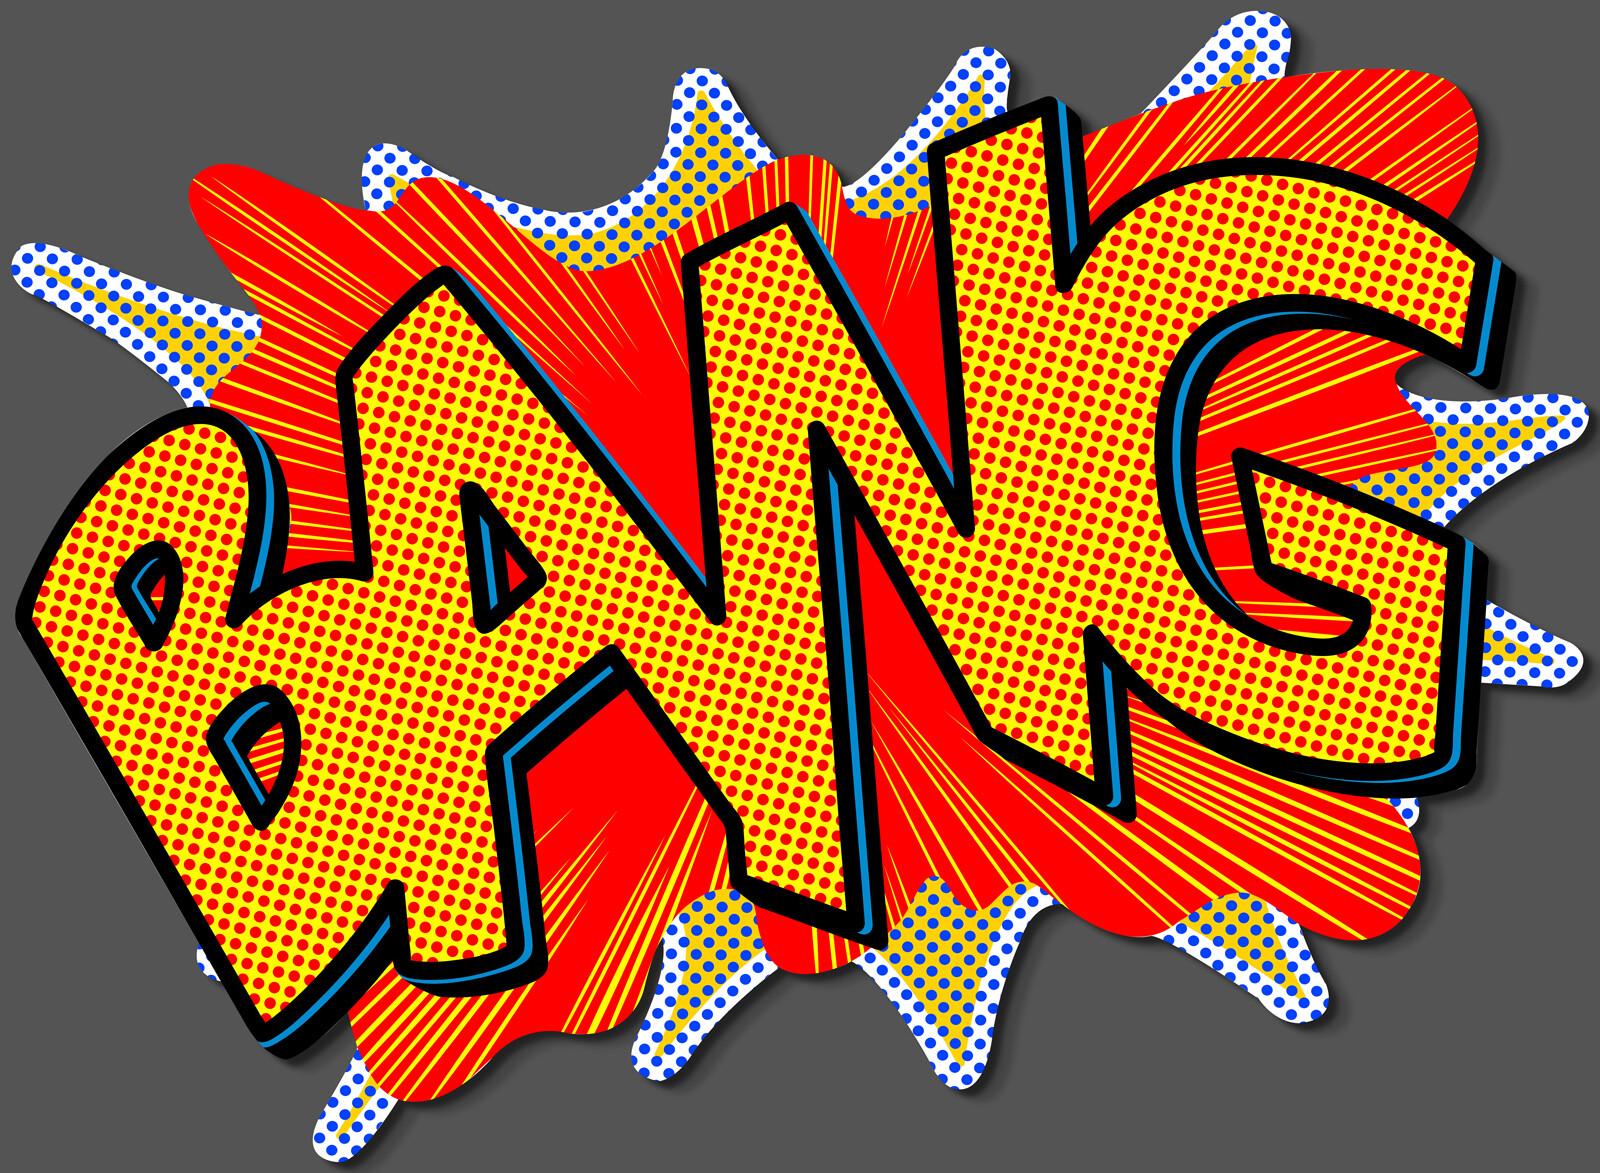 BANG! - Joe Mcdermott